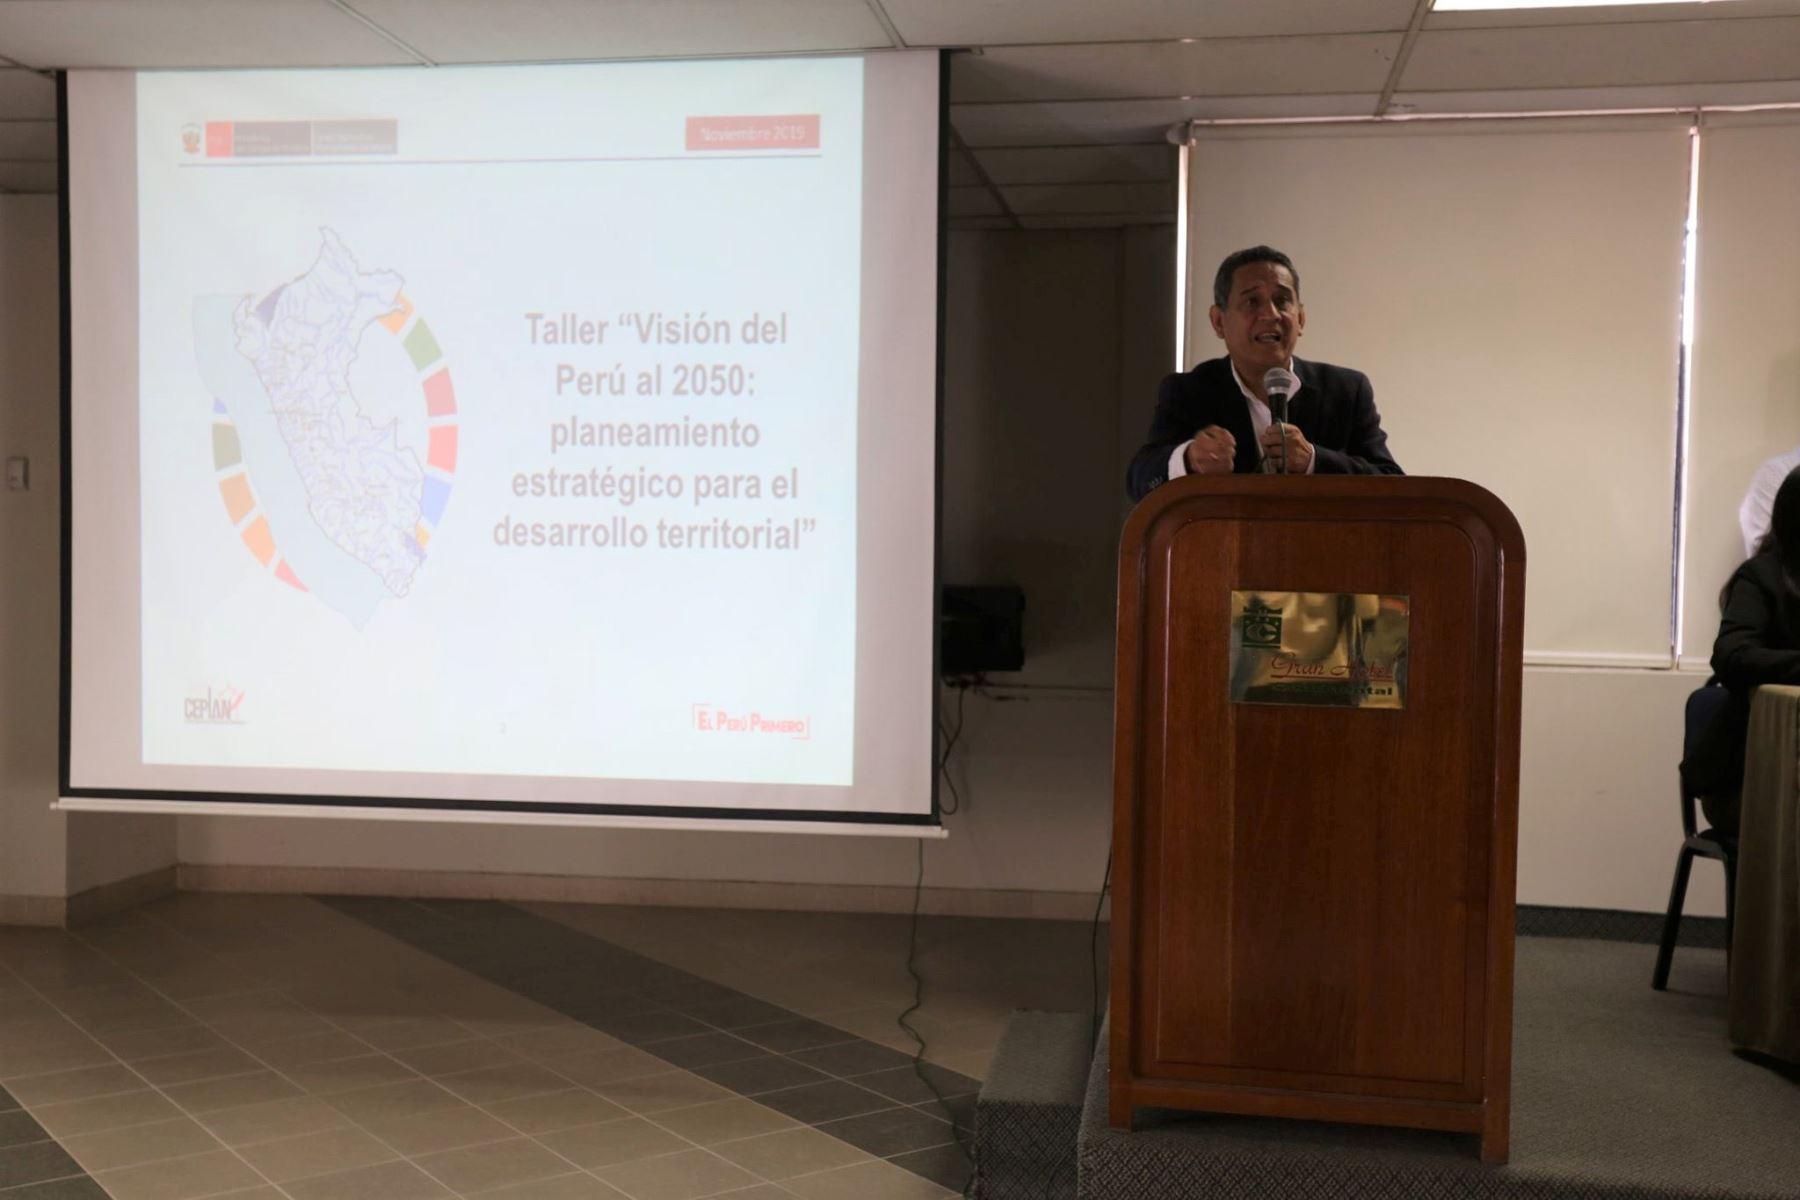 Cajamarca avanza en planificación estratégica para desarrollo de la región - Agencia Andina